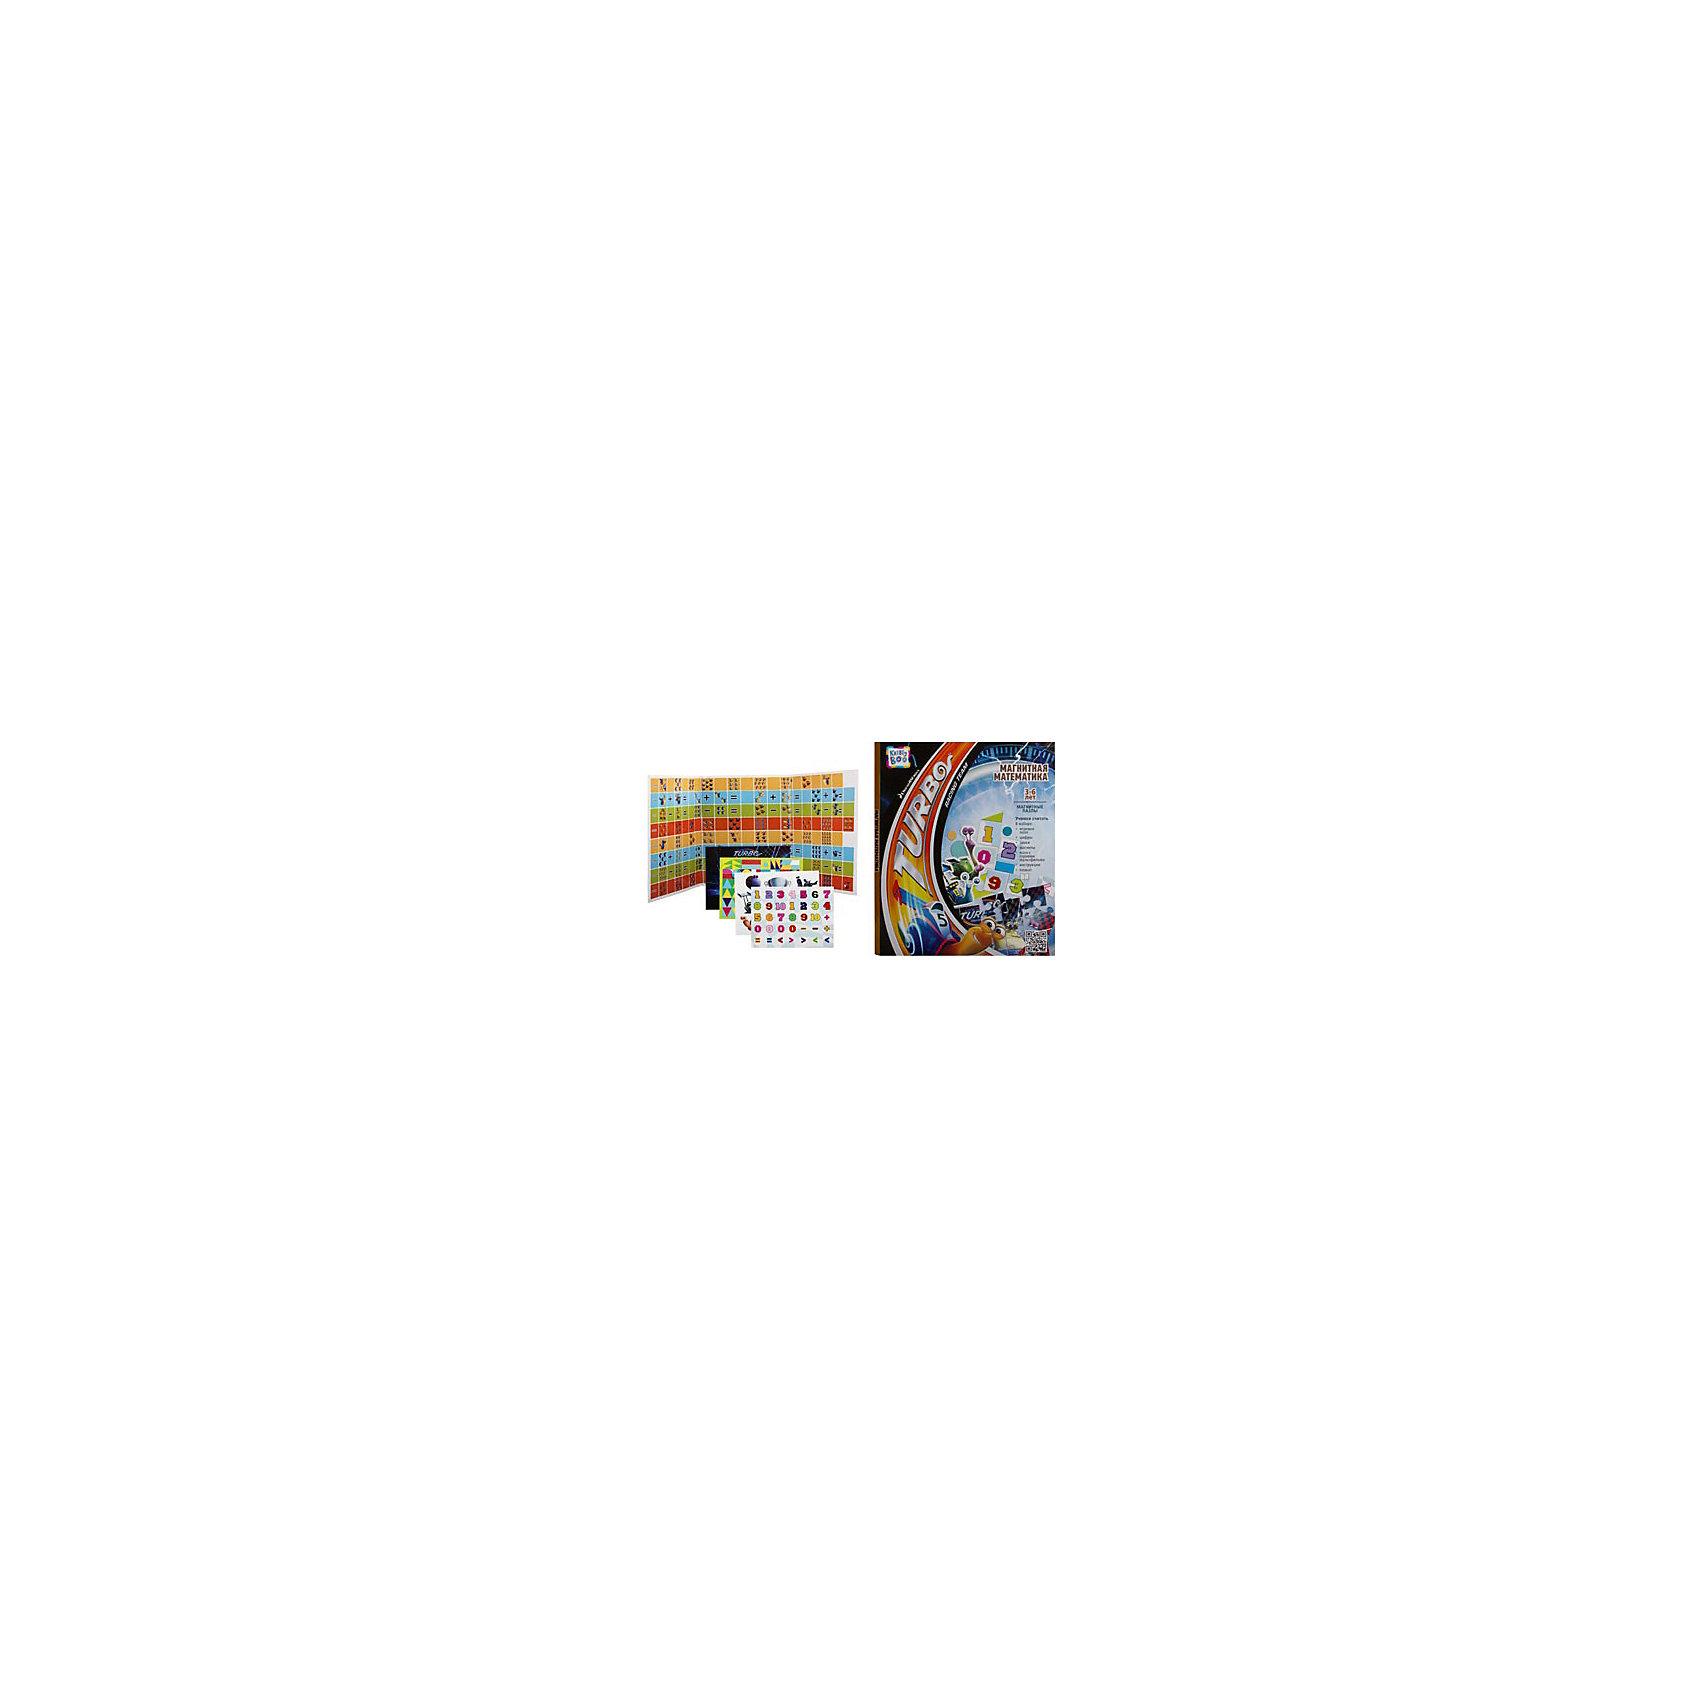 Магнитная книжка Турбо Магнитная математика 43x24 смХарактеристики товара:<br><br>• материал: полимер, металл, магнит<br>• размер: 43х34х5 см<br>• вес: 740 г<br>• комплектация: игровое поле, магнитные фишки, игровой кубик, дополнительные магнитные персонажи, инструкция, постер<br>• развивающая, настольная<br>• возраст: от трех лет<br>• страна бренда: Финляндия<br>• страна изготовитель: Китай<br><br>Эта книжка станет отличным подарком малышам! Такой набор сделает учебу легче и интереснее. С помощью этой игры ребенок не только весело проведет время, он легко освоит цифры и счет, разные цвета и формы, будет тренировать внимательность, абстрактное мышление, логику, усидчивость. Книжка будет полезна малышам от трех лет - она позволяет обучаться в игре.<br>Развивающая игрушка выпущена в удобном формате, в яркой приятной расцветке. Изделие производится из качественных и проверенных материалов, которые безопасны для детей.<br><br>Магнитную книжку Турбо Магнитная математика от бренда KriBly Boo можно купить в нашем интернет-магазине.<br><br>Ширина мм: 430<br>Глубина мм: 340<br>Высота мм: 5<br>Вес г: 925<br>Возраст от месяцев: 36<br>Возраст до месяцев: 84<br>Пол: Унисекс<br>Возраст: Детский<br>SKU: 5167819